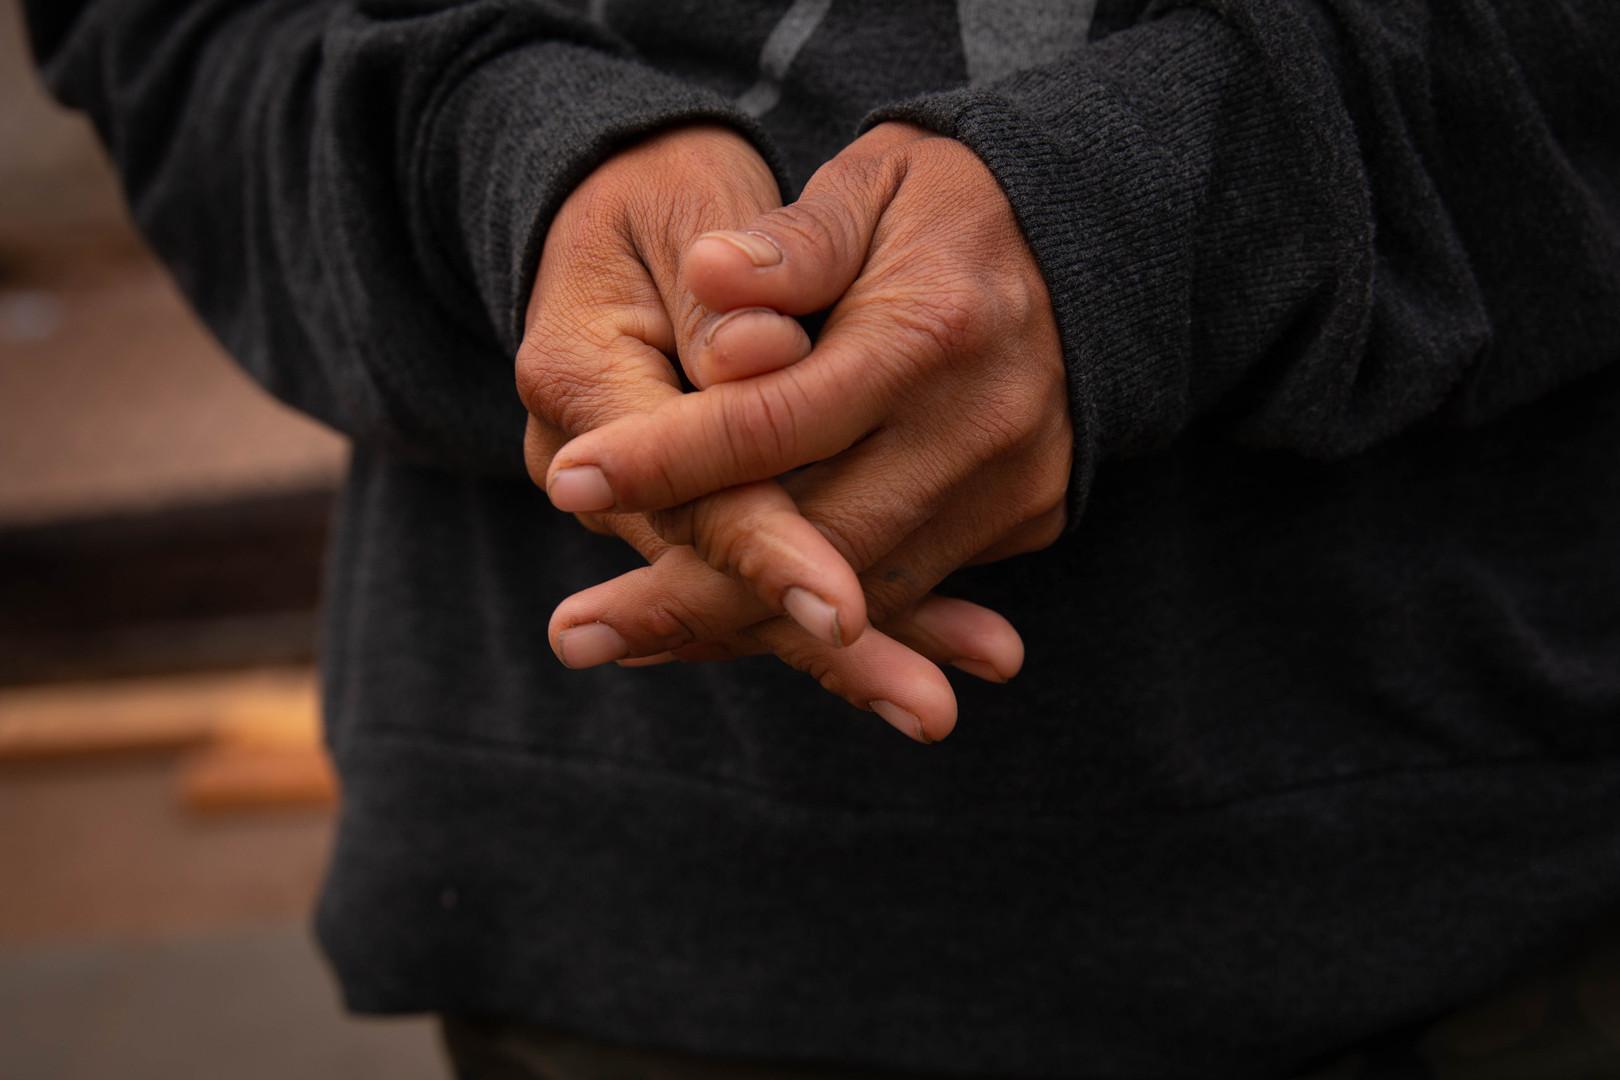 dj_homeless-9.jpg